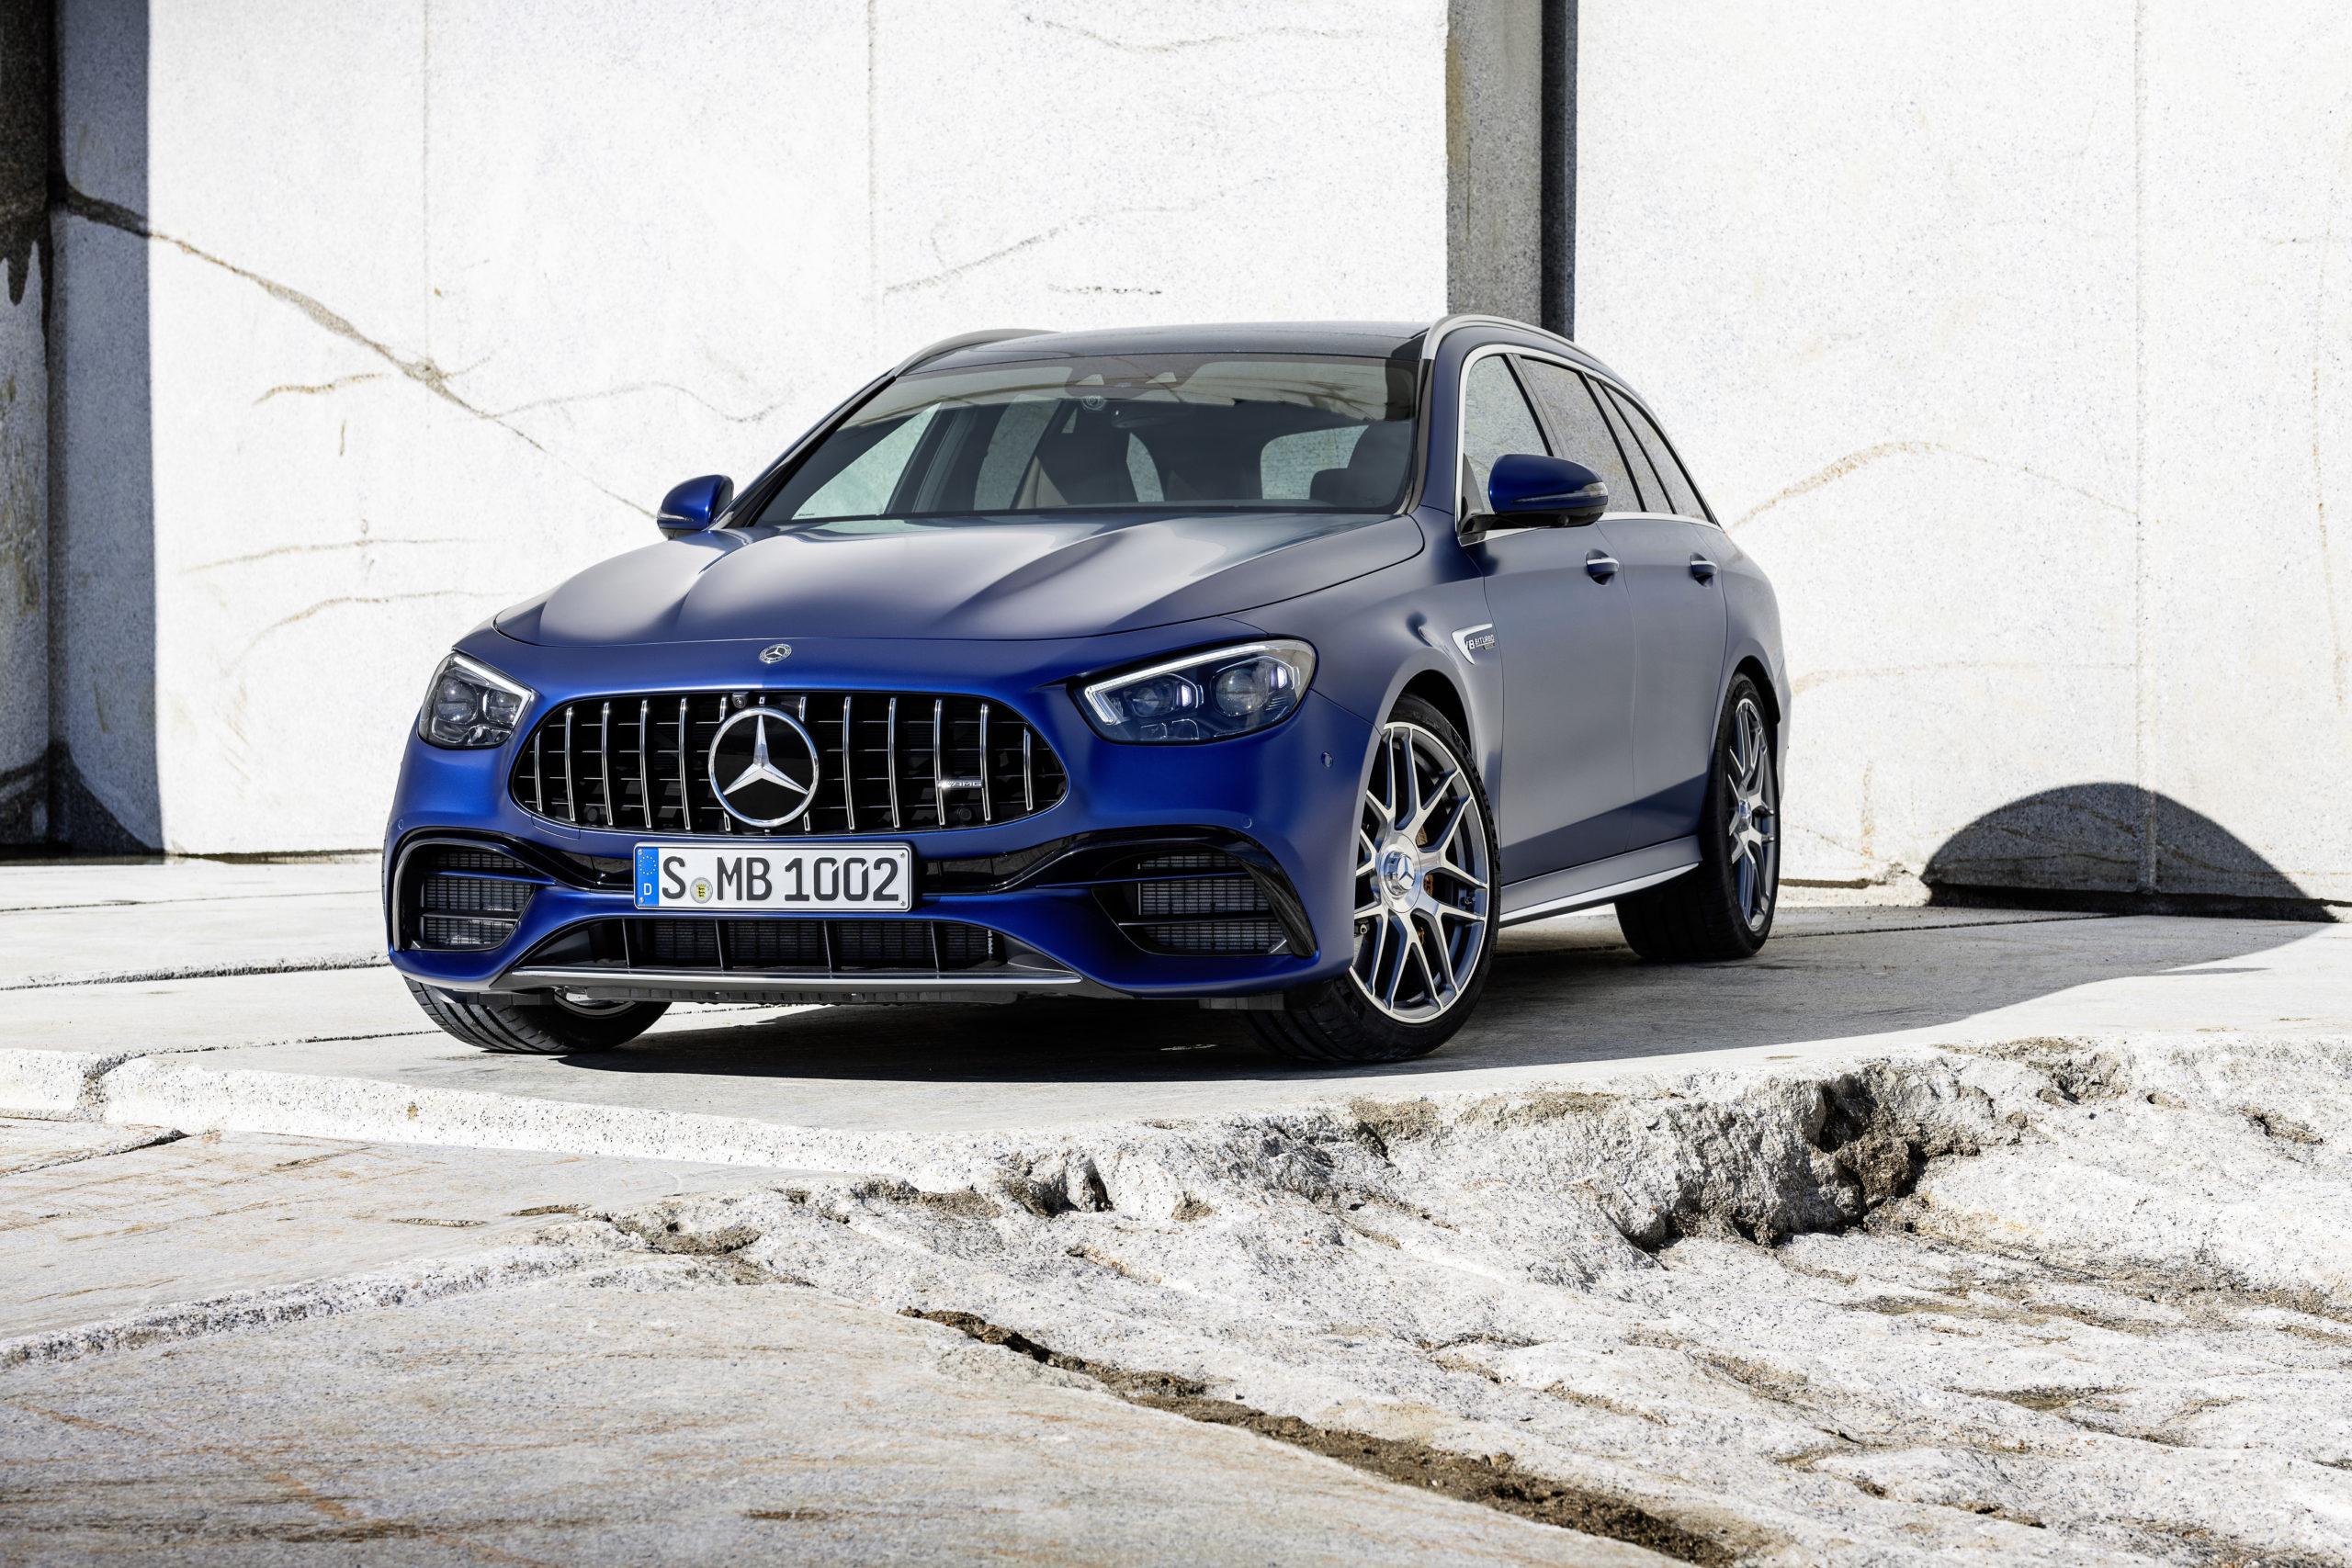 Mörkblå Mercedes-AMG E 63 S kombi från 2020 framifrån